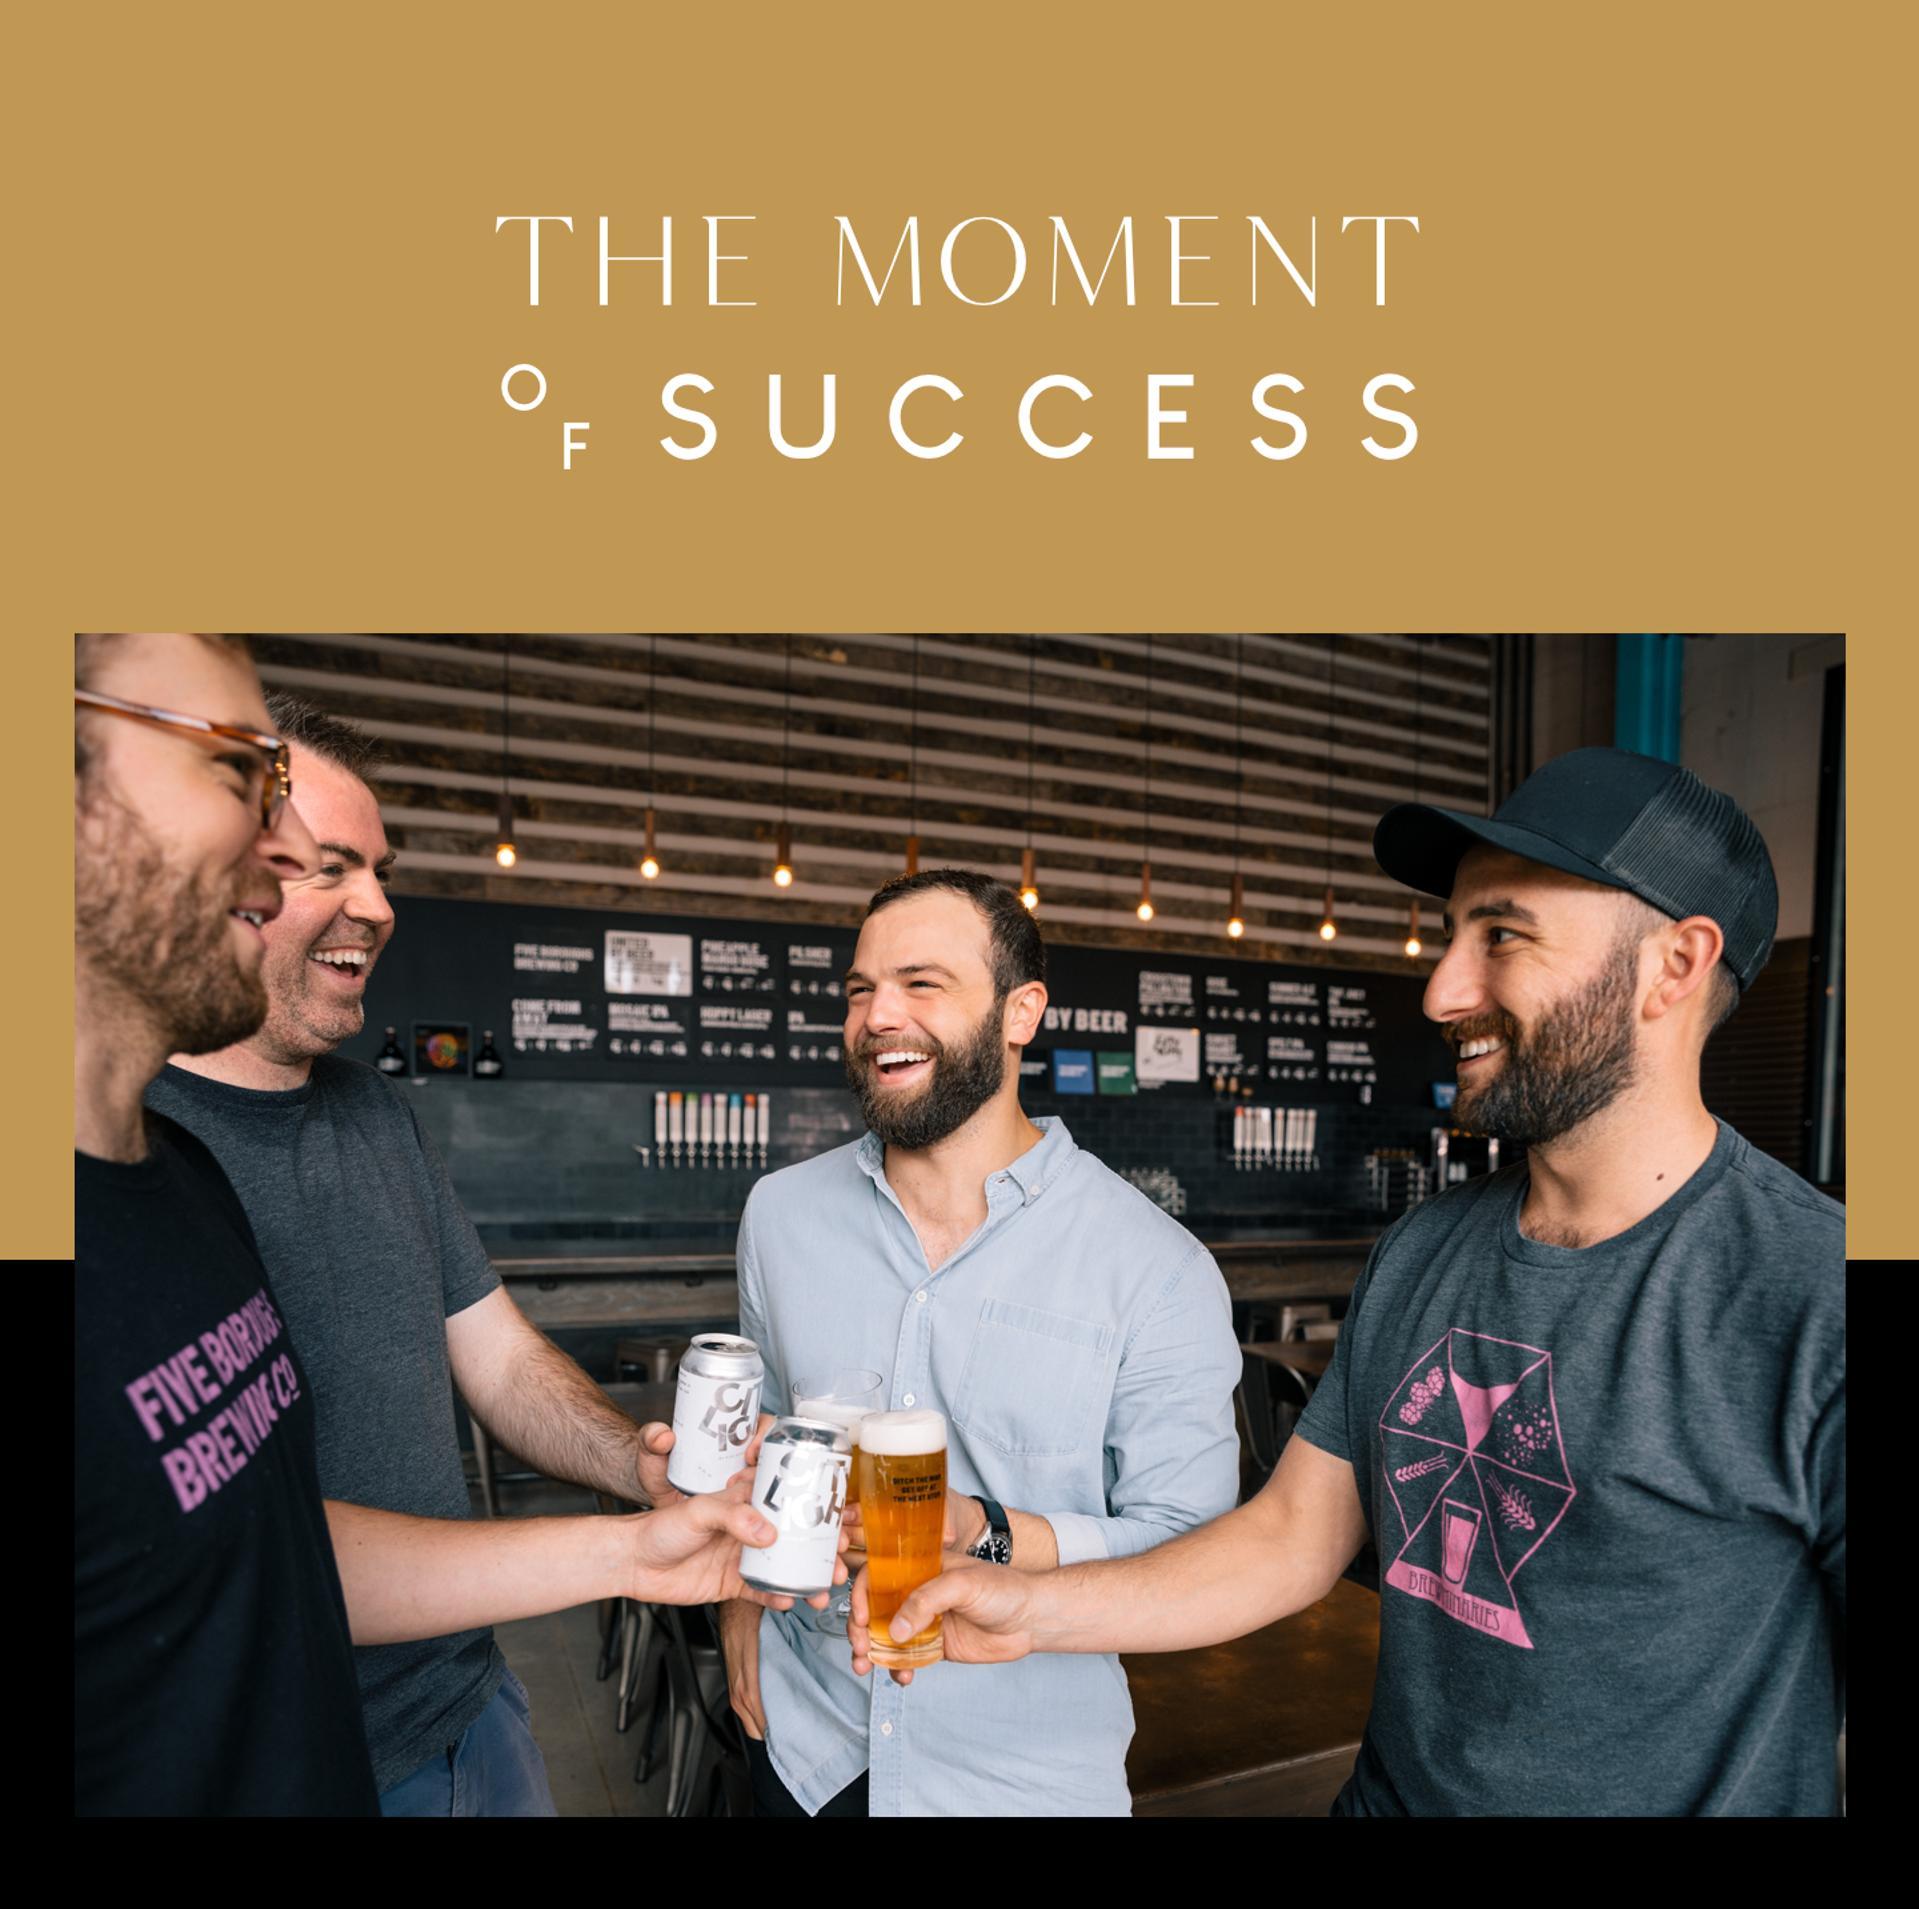 Le moment du succès